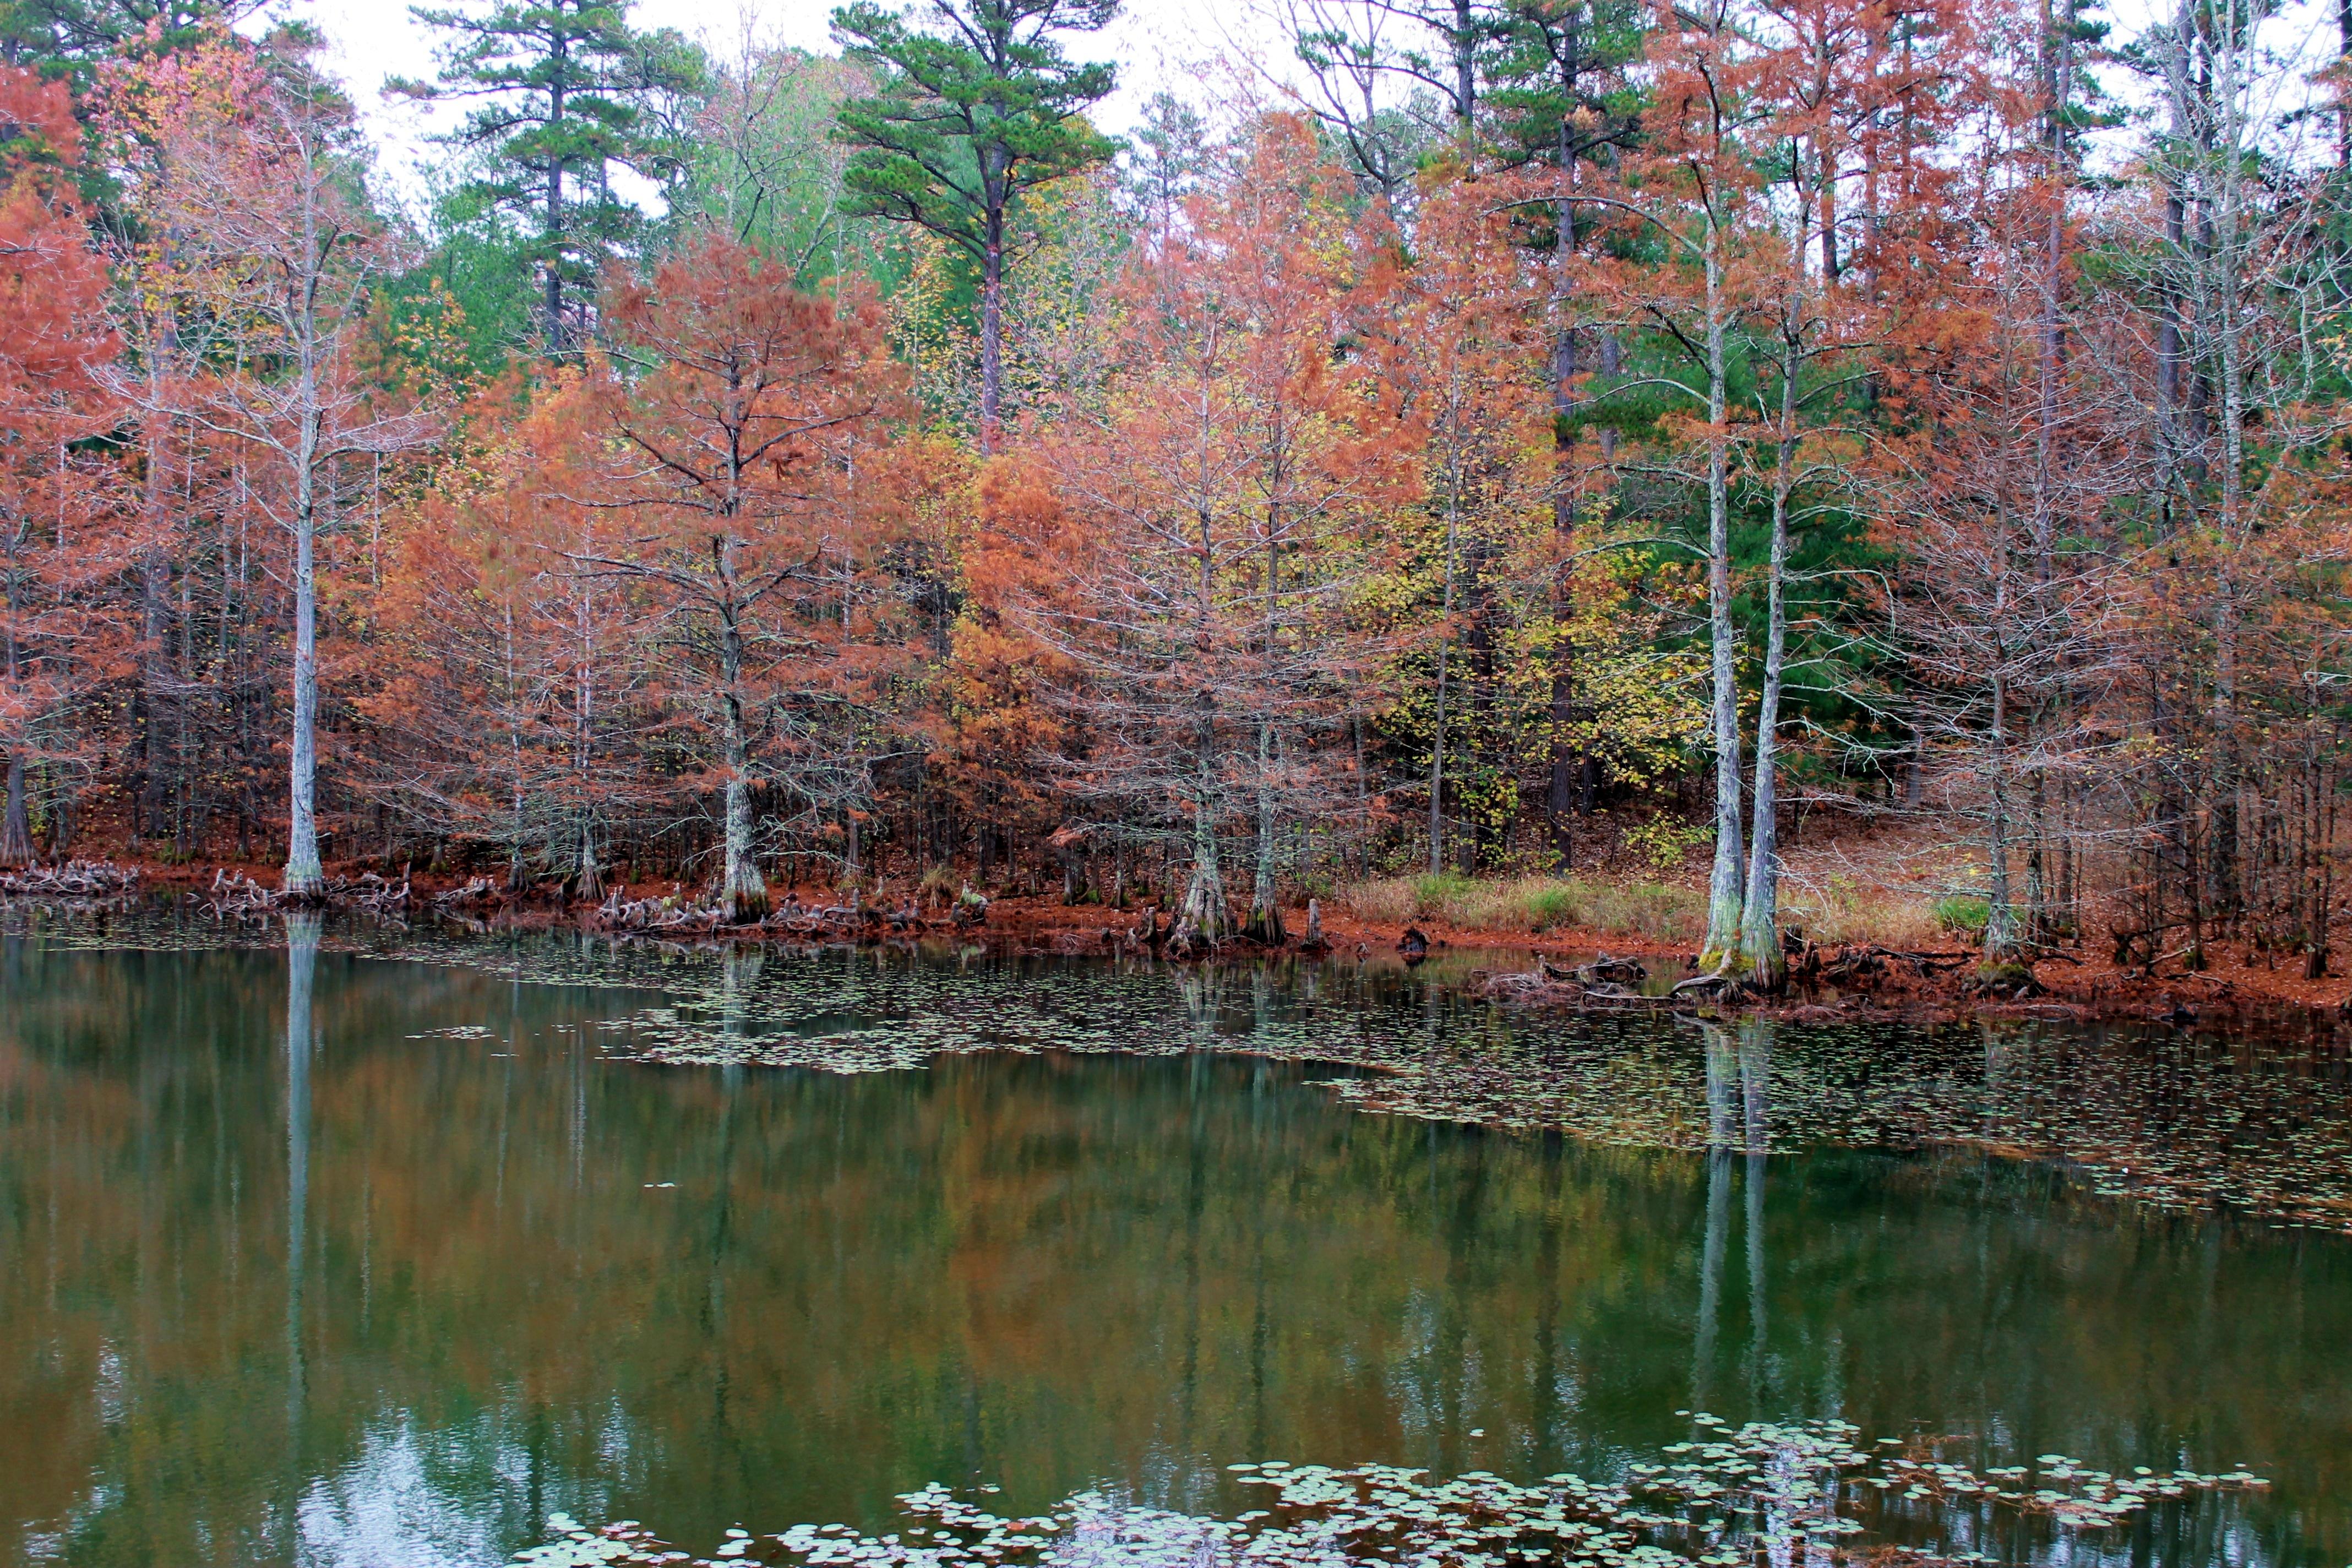 November, Buford Pond